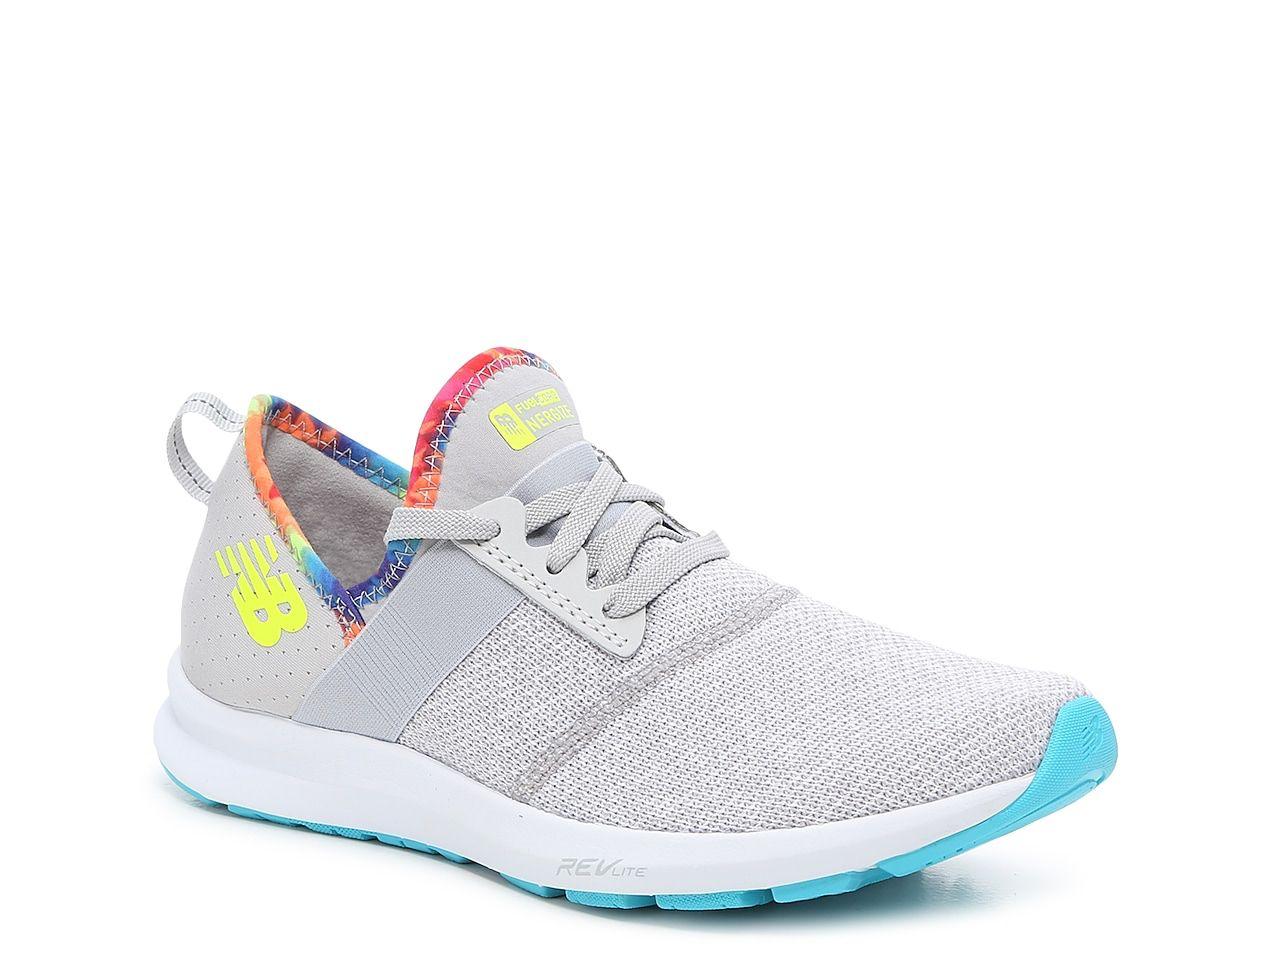 Balance FuelCore Nergize Training Shoe